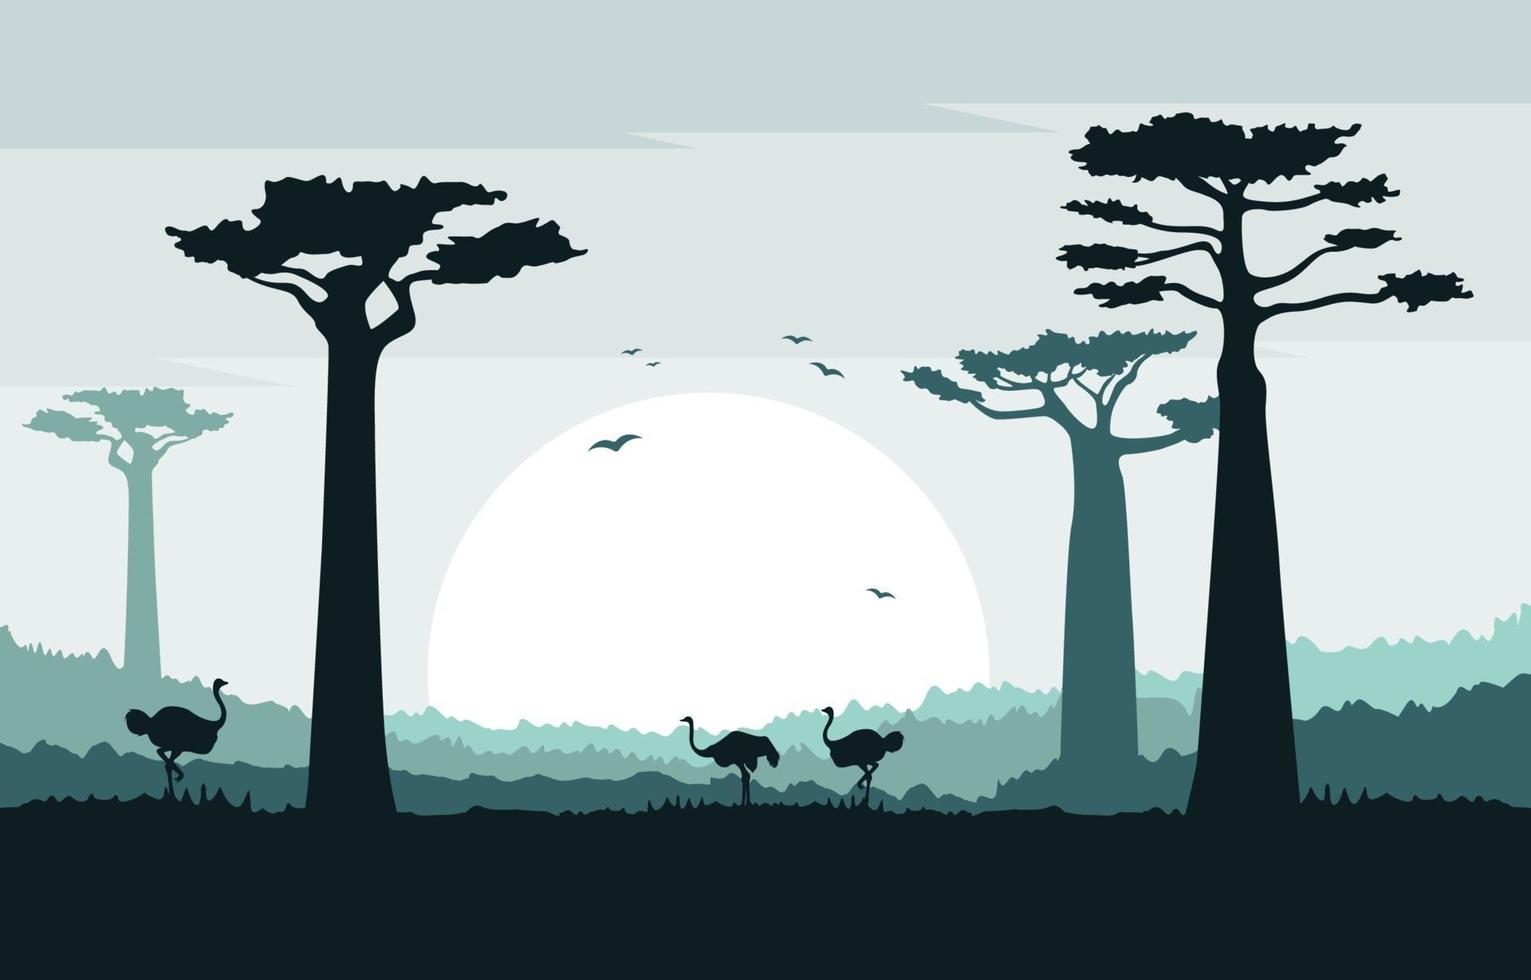 strutsar i afrikansk savanna med baobabträd illustration vektor